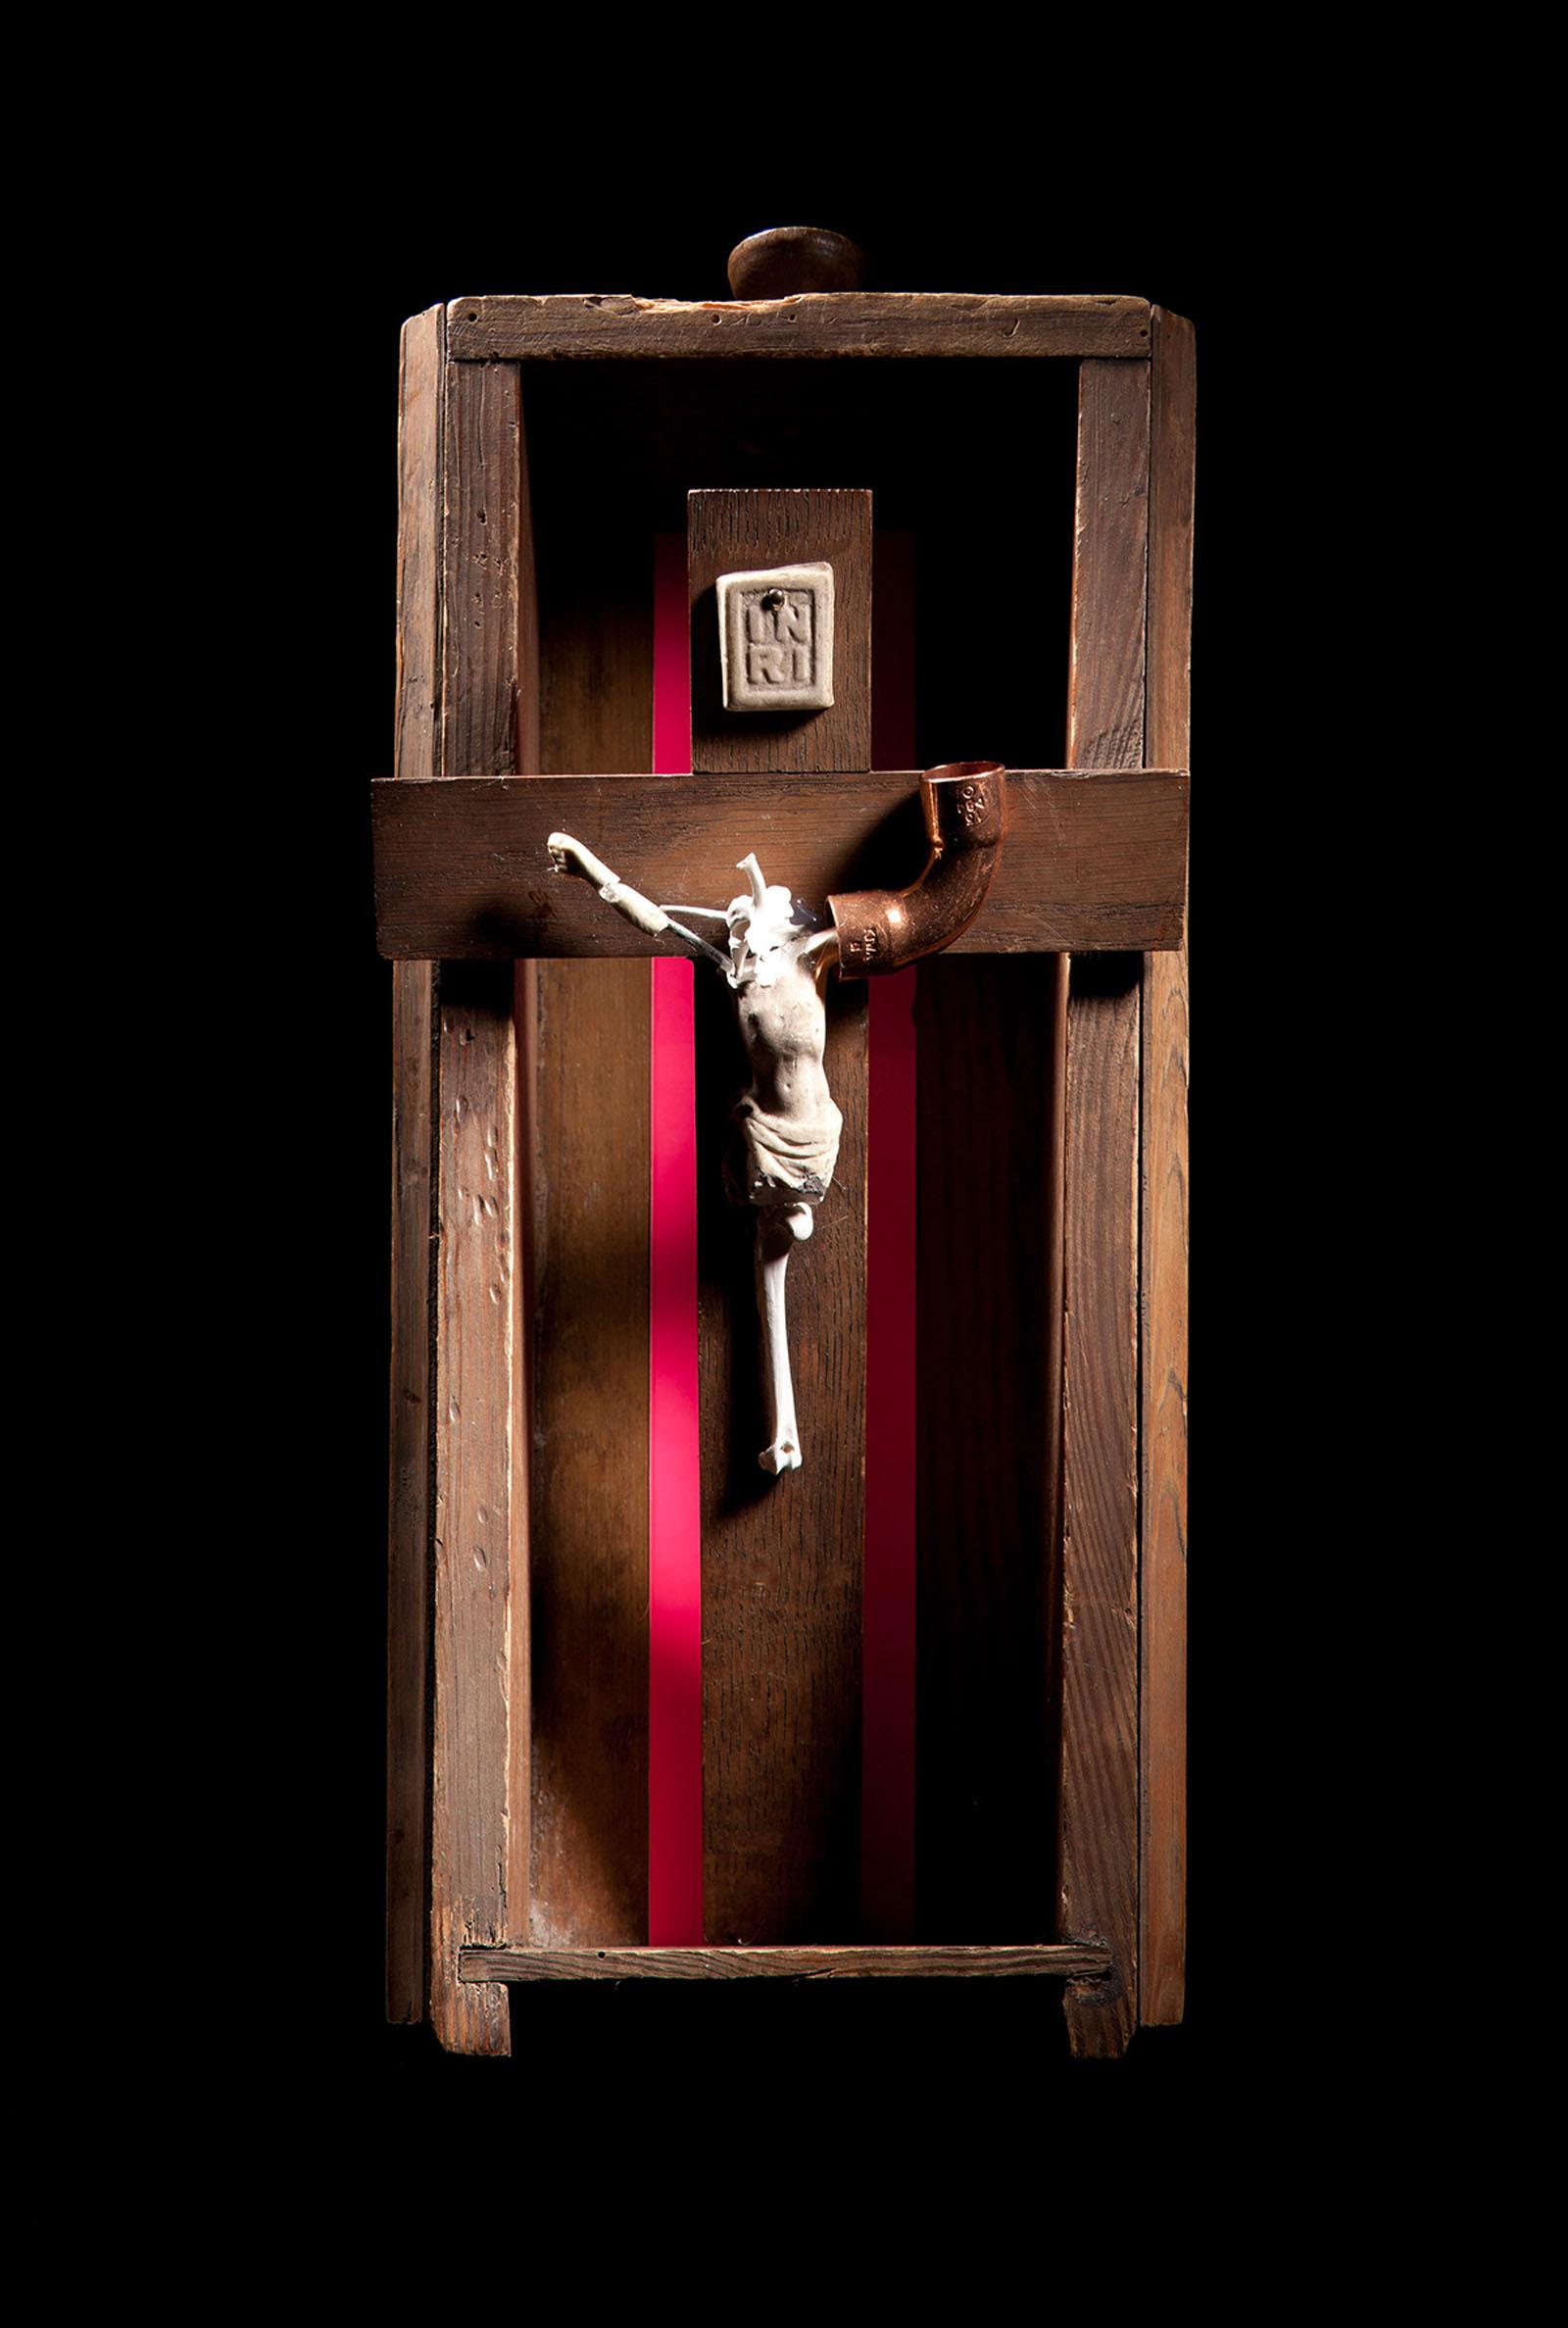 """o.T. aus """"Manipulationen"""", 2014, 39,5 x 17 x 15 cm, Kruzifix, Holzschublade, Kupferfitting, Tierknochen und -wirbel, Folie"""